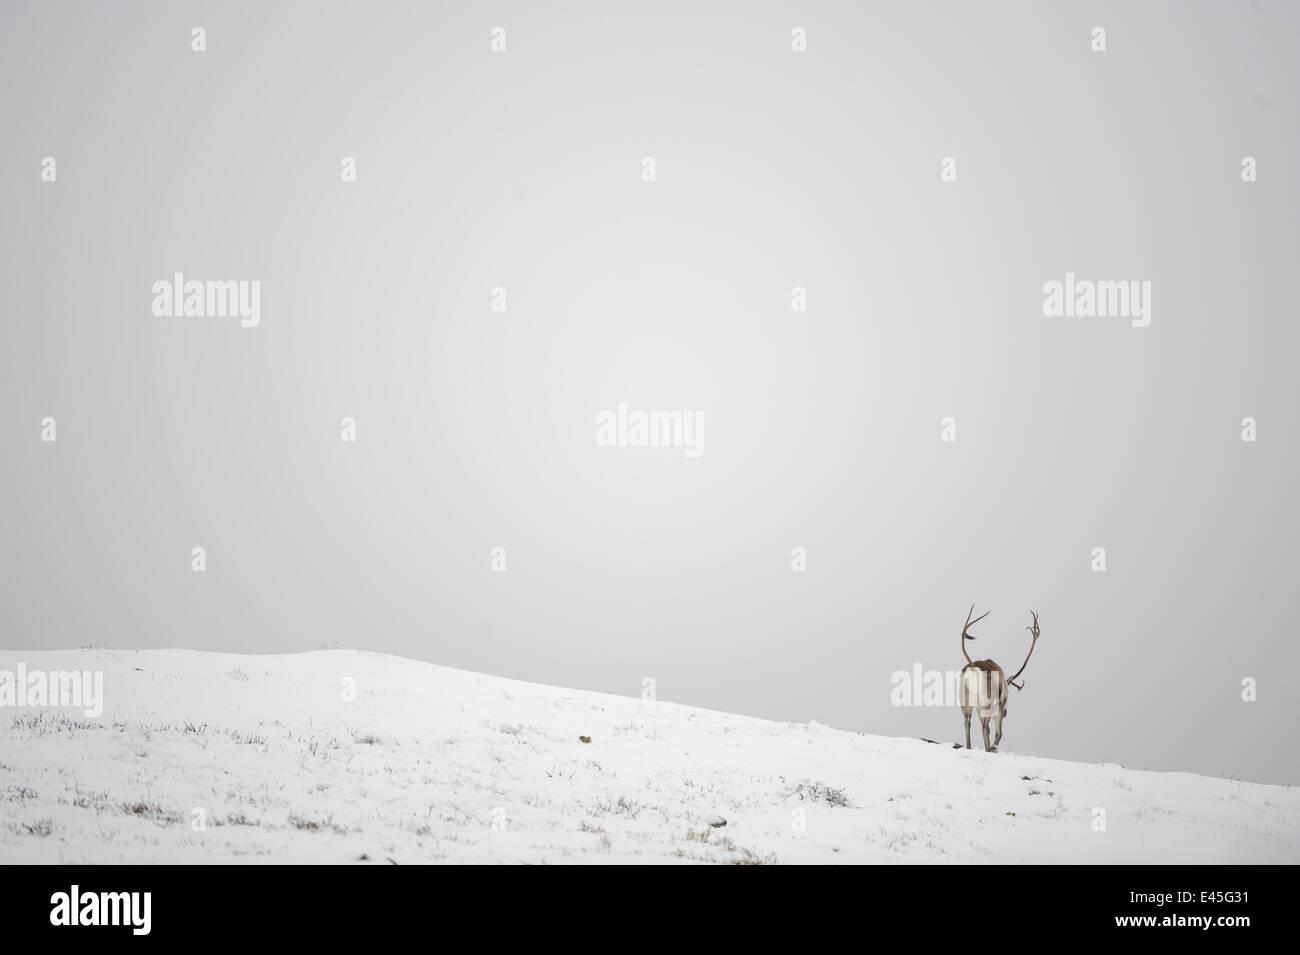 Rear view of Reindeer (Rangifer tarandus) in snow, Forollhogna National Park, Norway, September 2008 Stock Photo